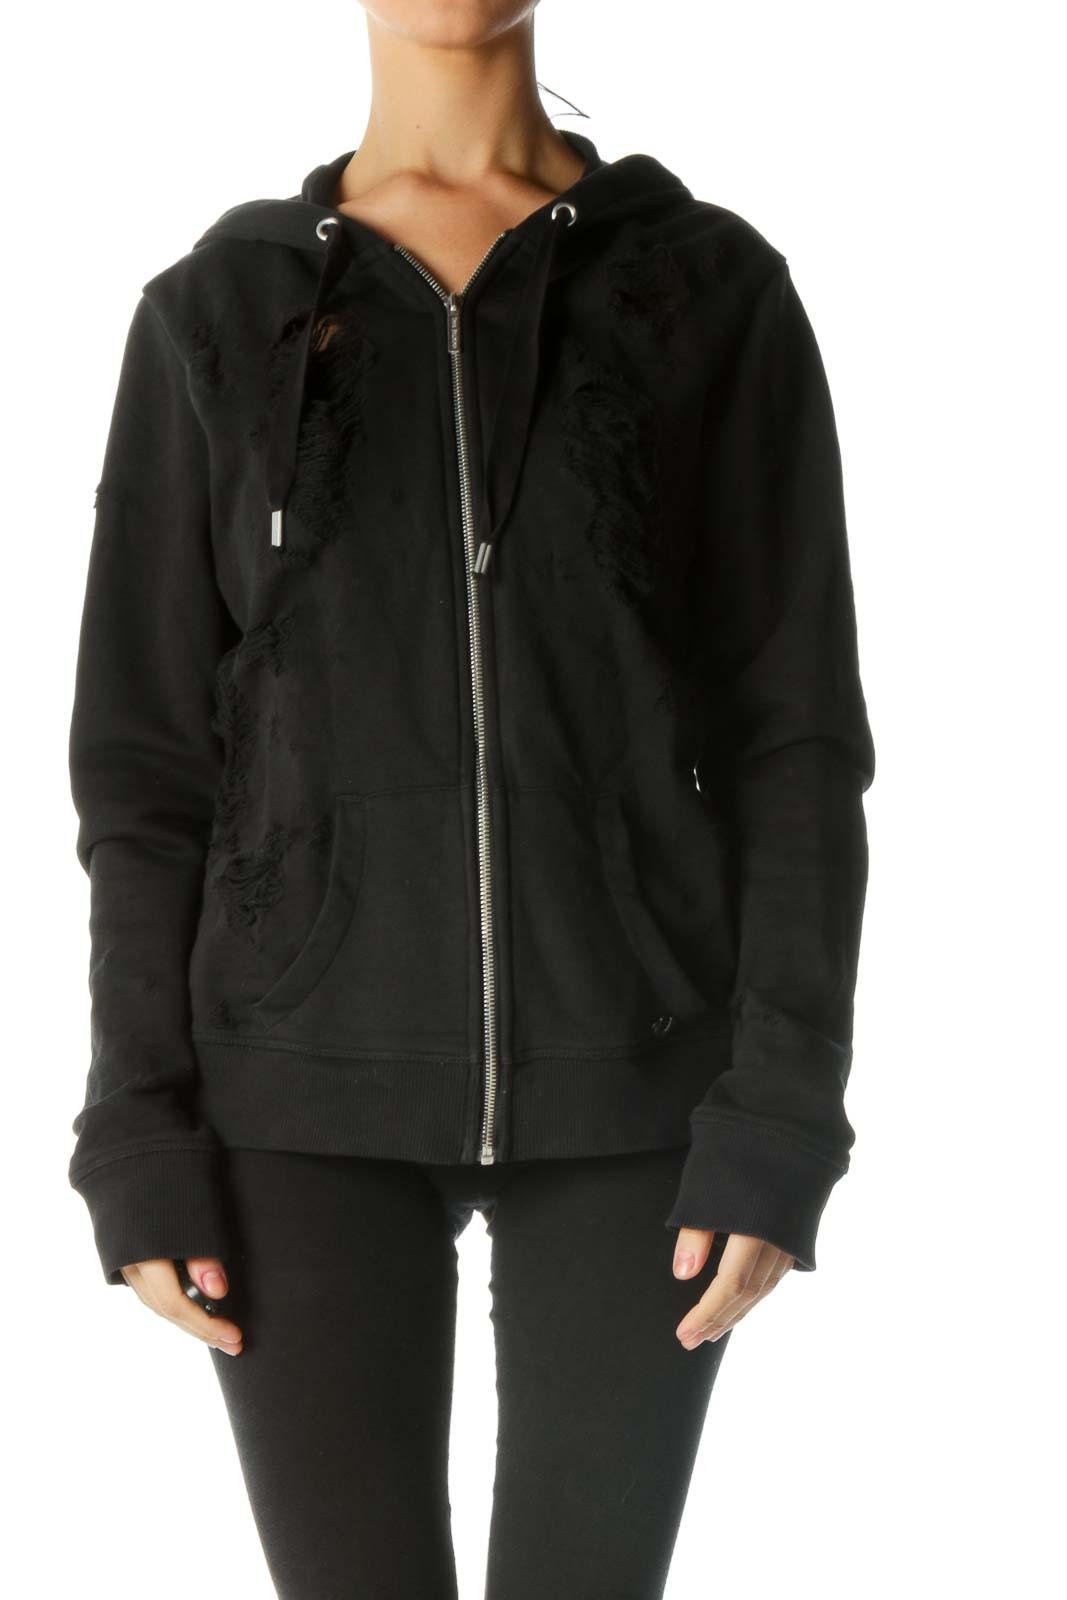 Black Distressed Zip up Jacket Front